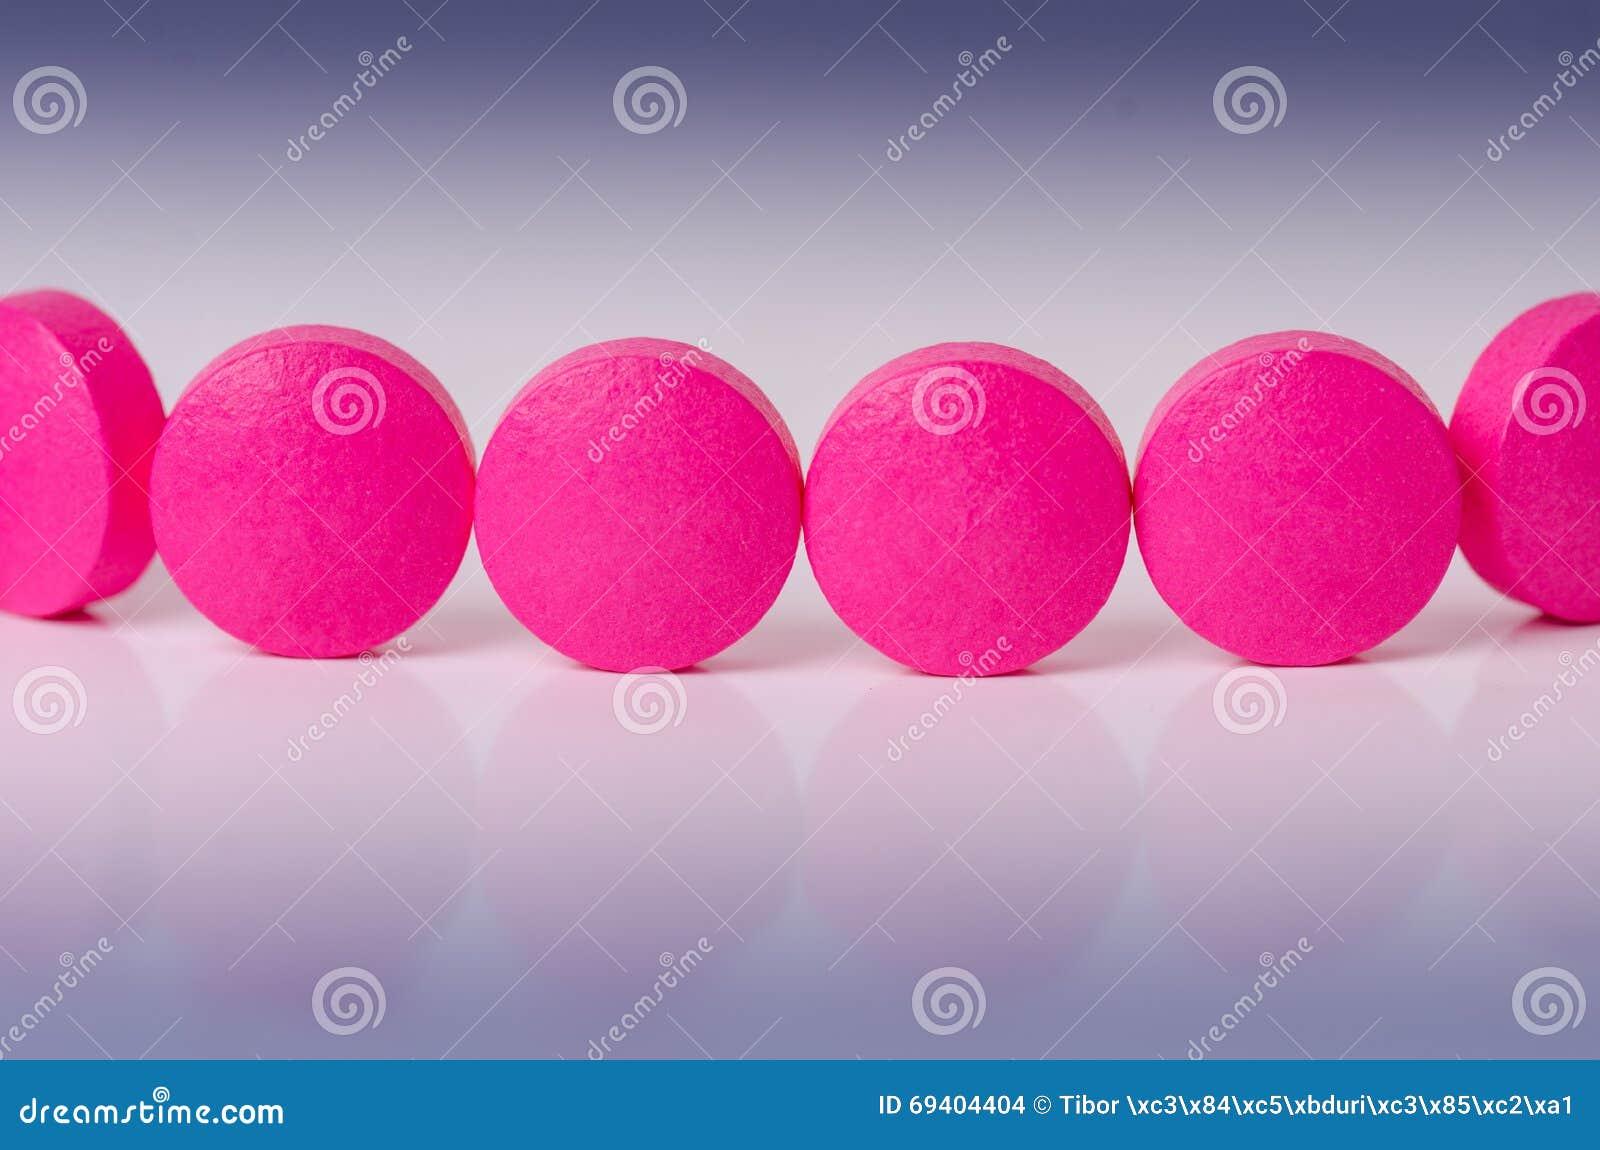 svart kön piller